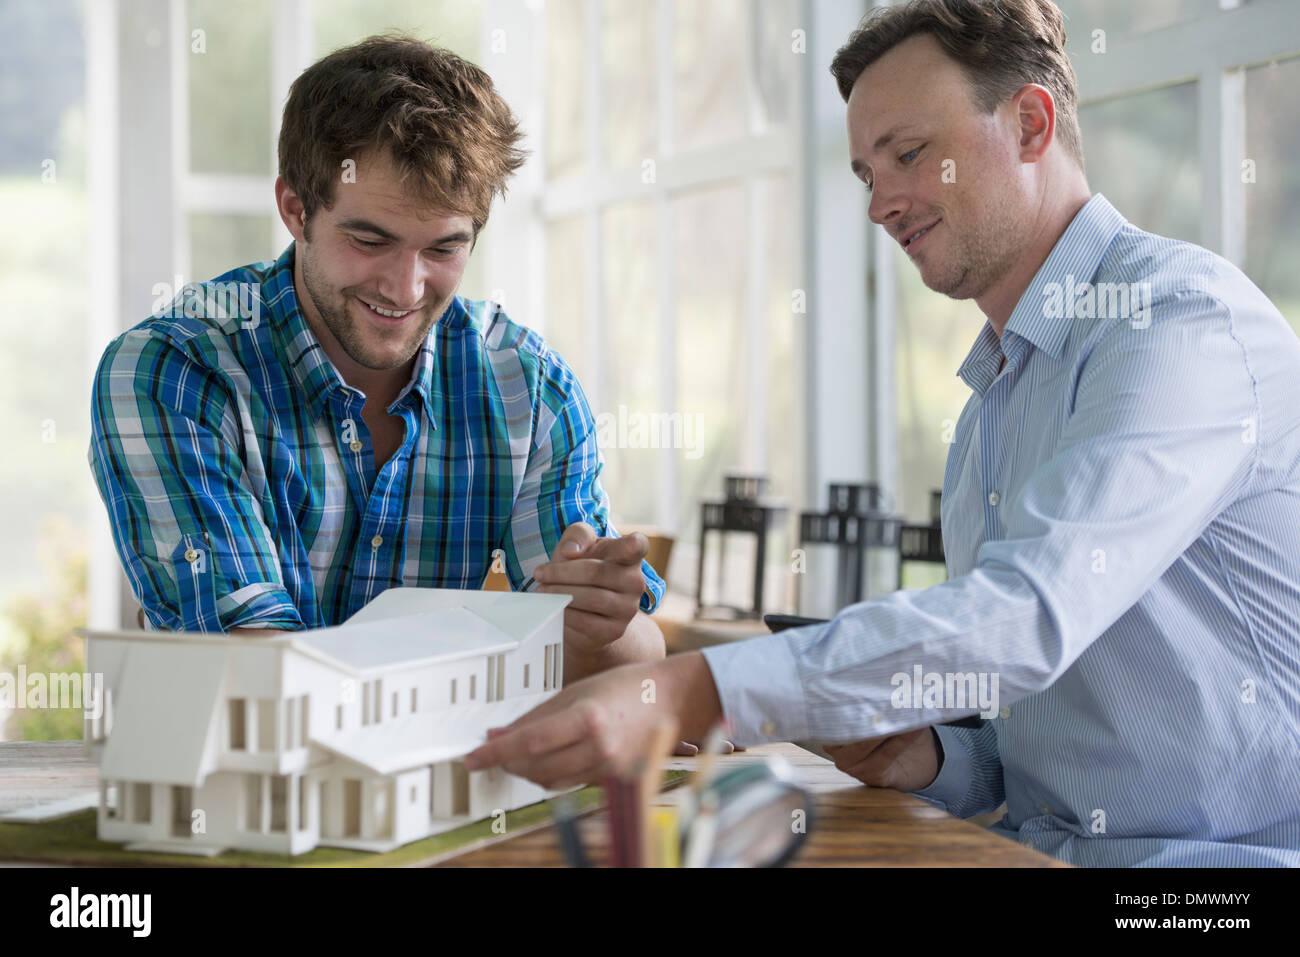 Deux hommes à la recherche d'un modèle d'architecture d'une maison. Photo Stock